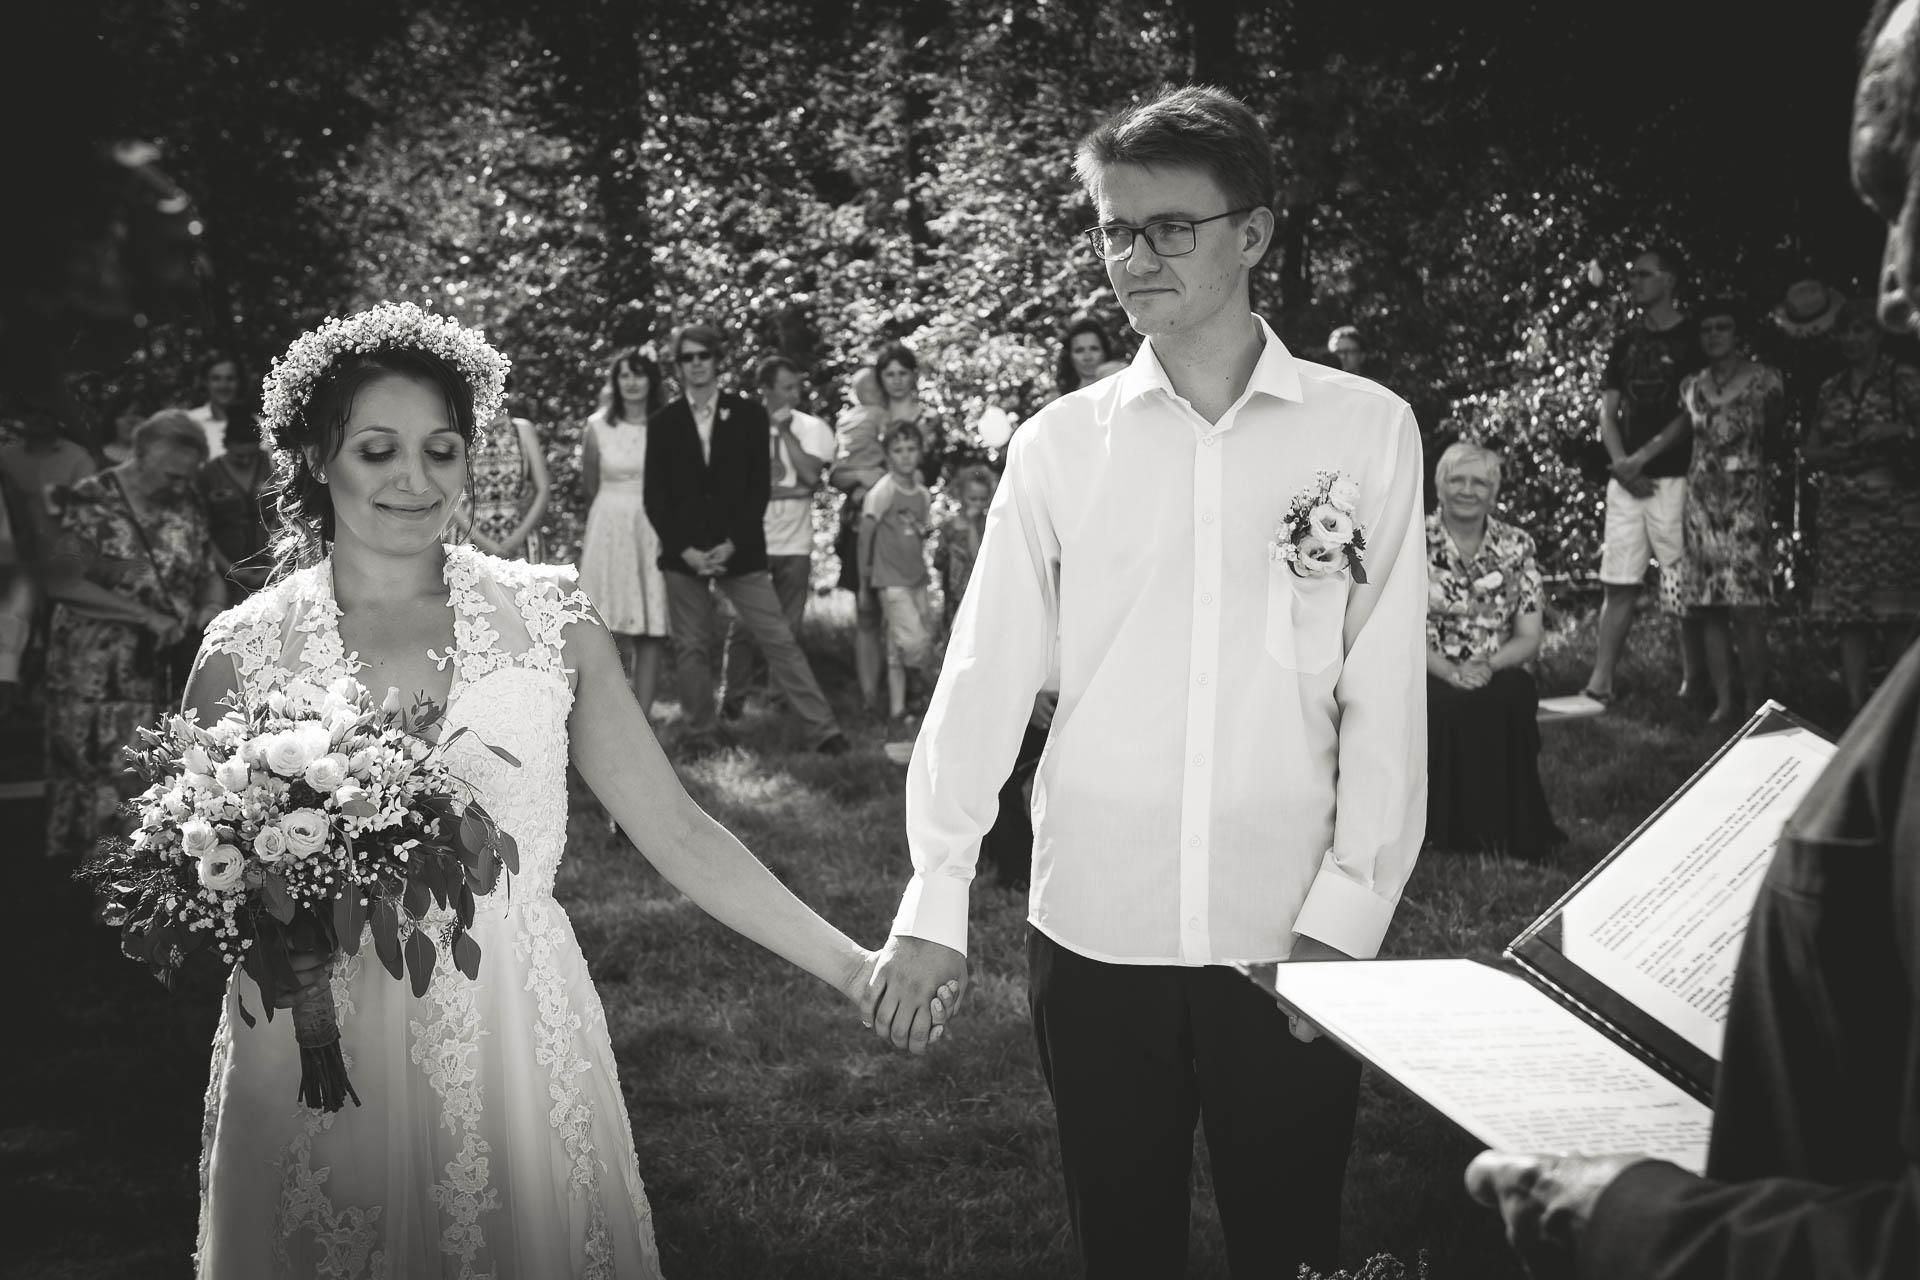 svatební fotograf boho svatba přírodní svatba-14